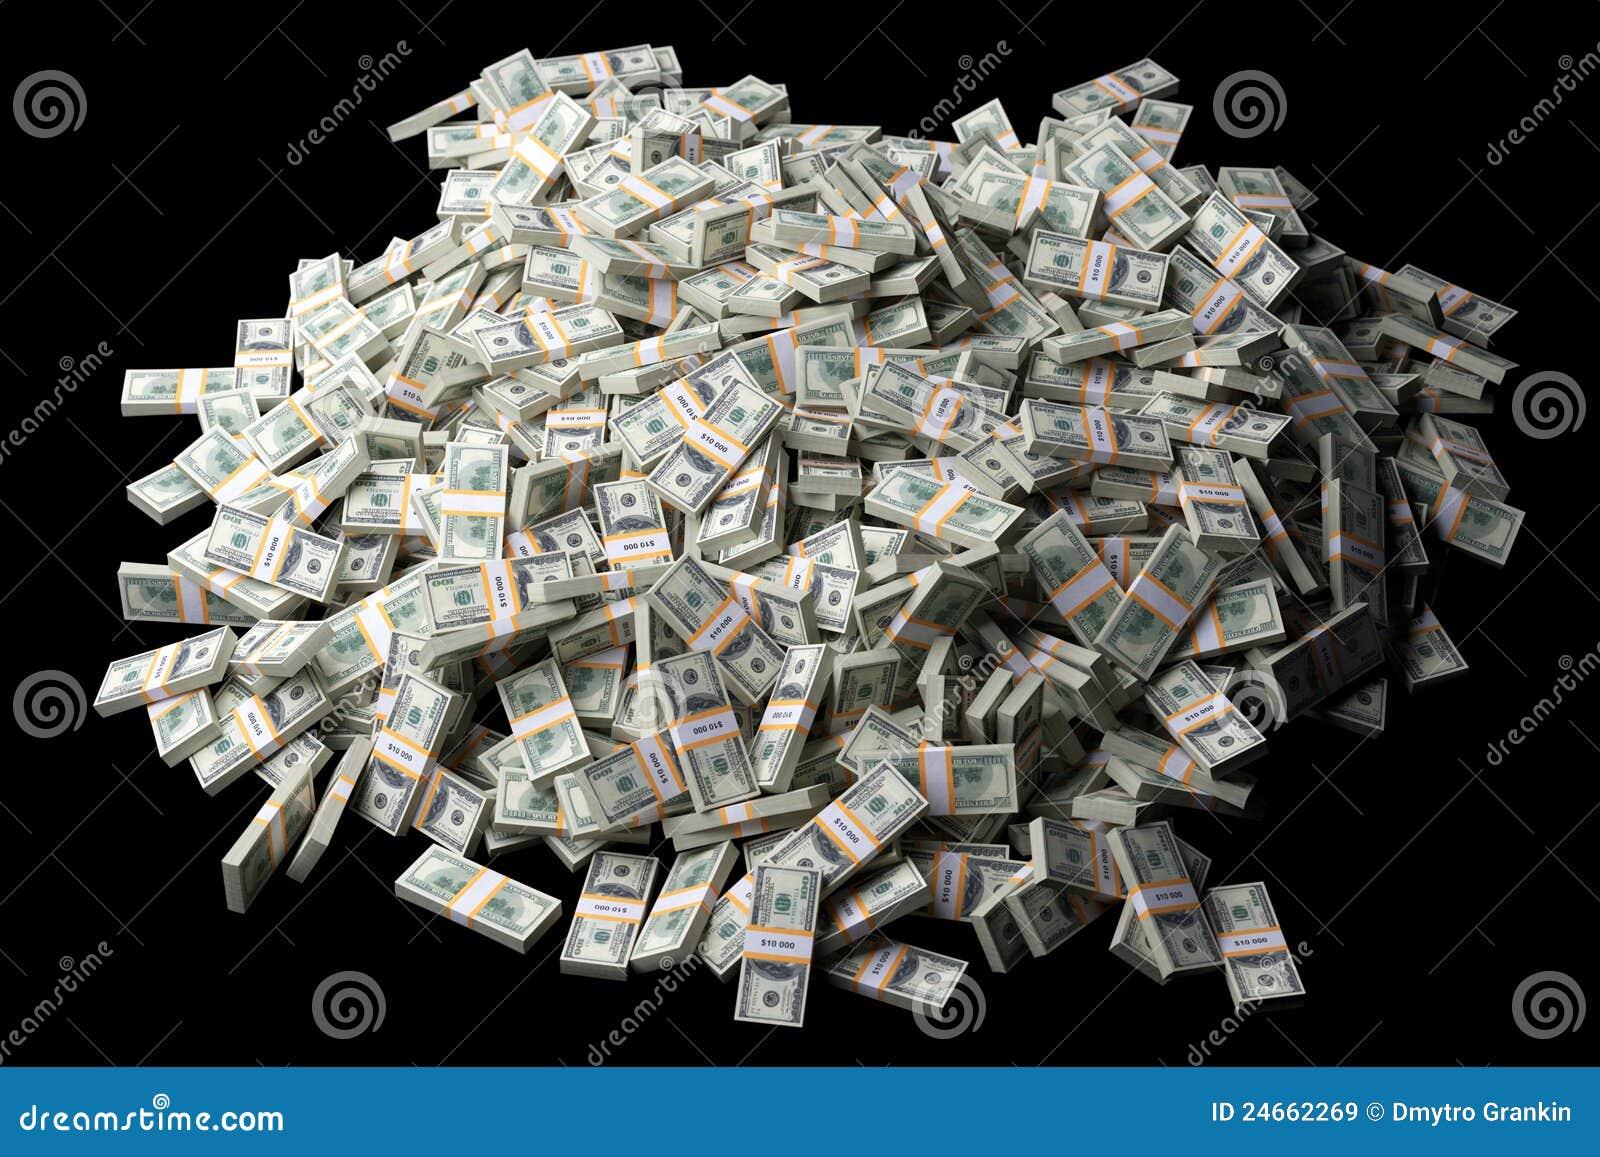 a lot of dollar bills stock illustration illustration of